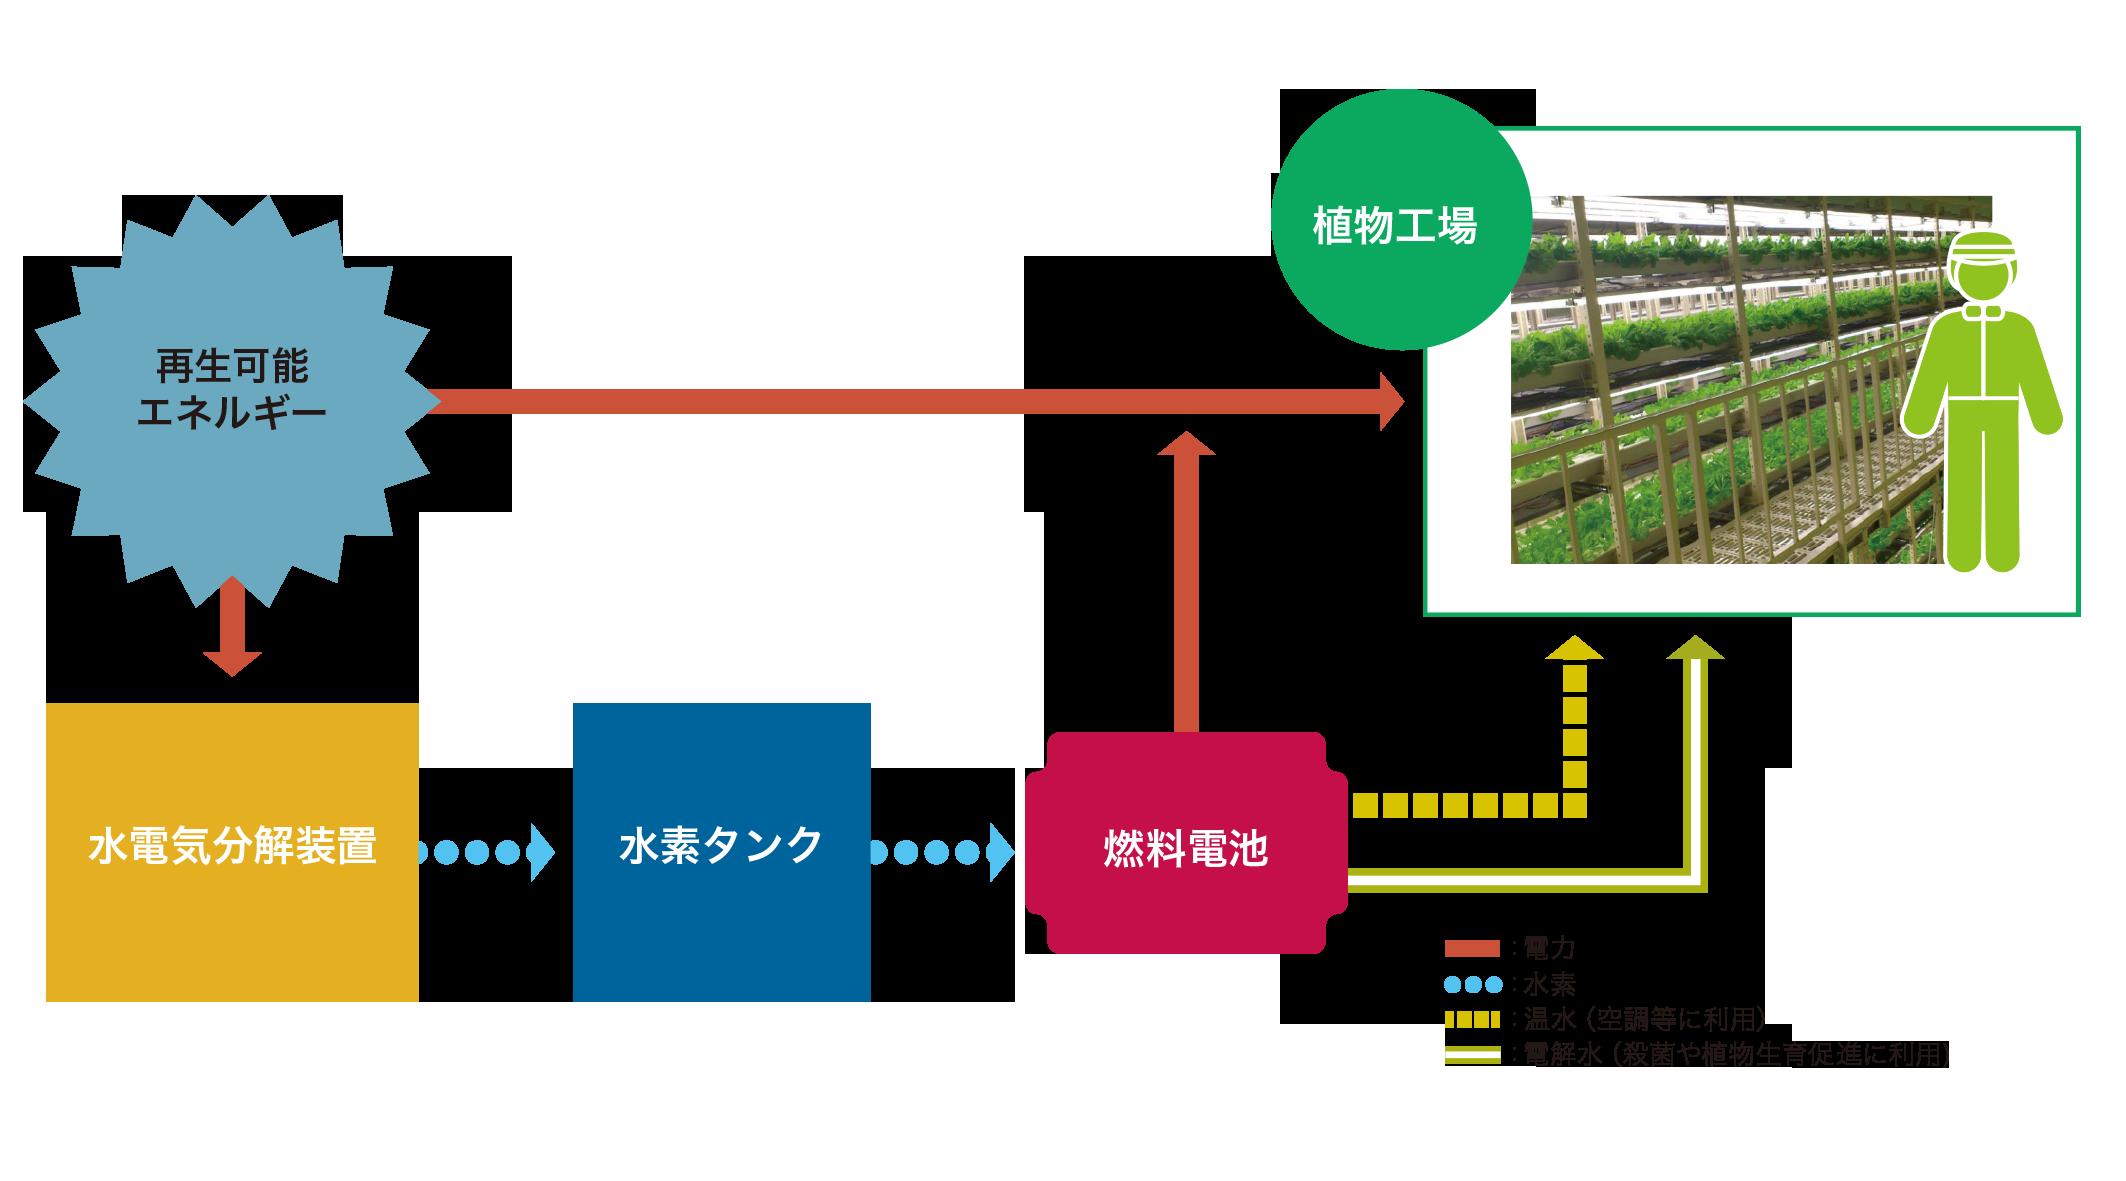 2017年2月23日 第21回放送 「ミタデンの革新的な植物工場」を分かり易く解説!